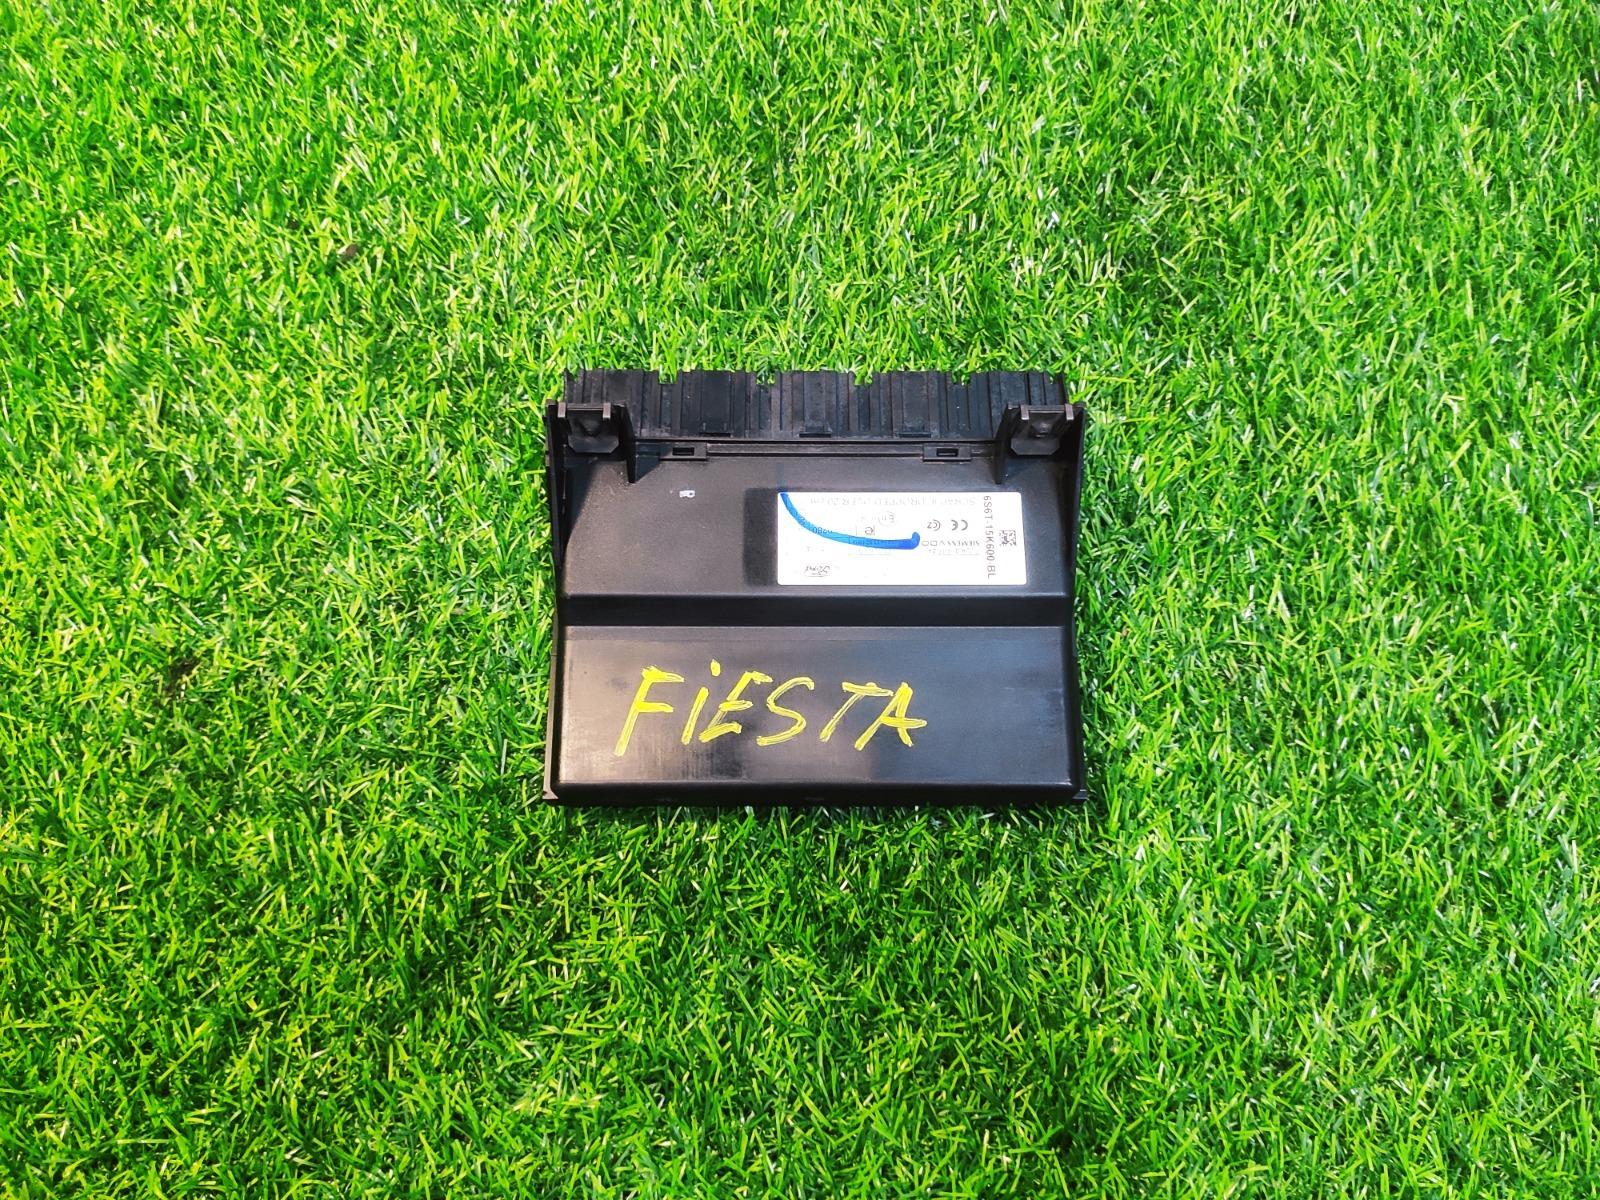 Электронный блок управления Ford Fiesta ХЭТЧБЕК 5ДВ. 1.6 2007 (б/у)